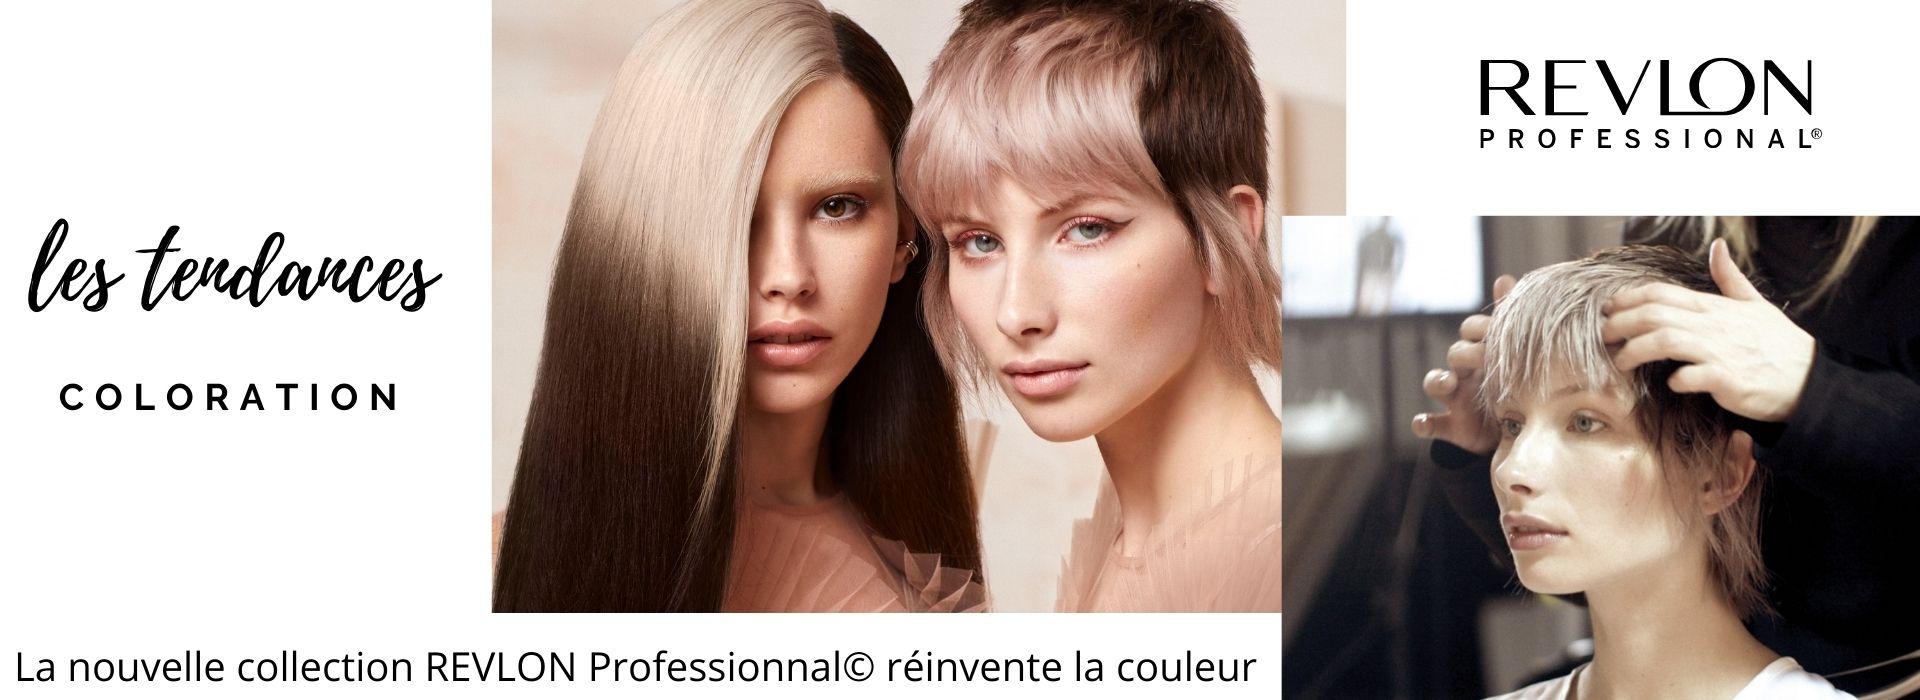 La nouvelle collection REVLON Professionnal© réinvente la couleur